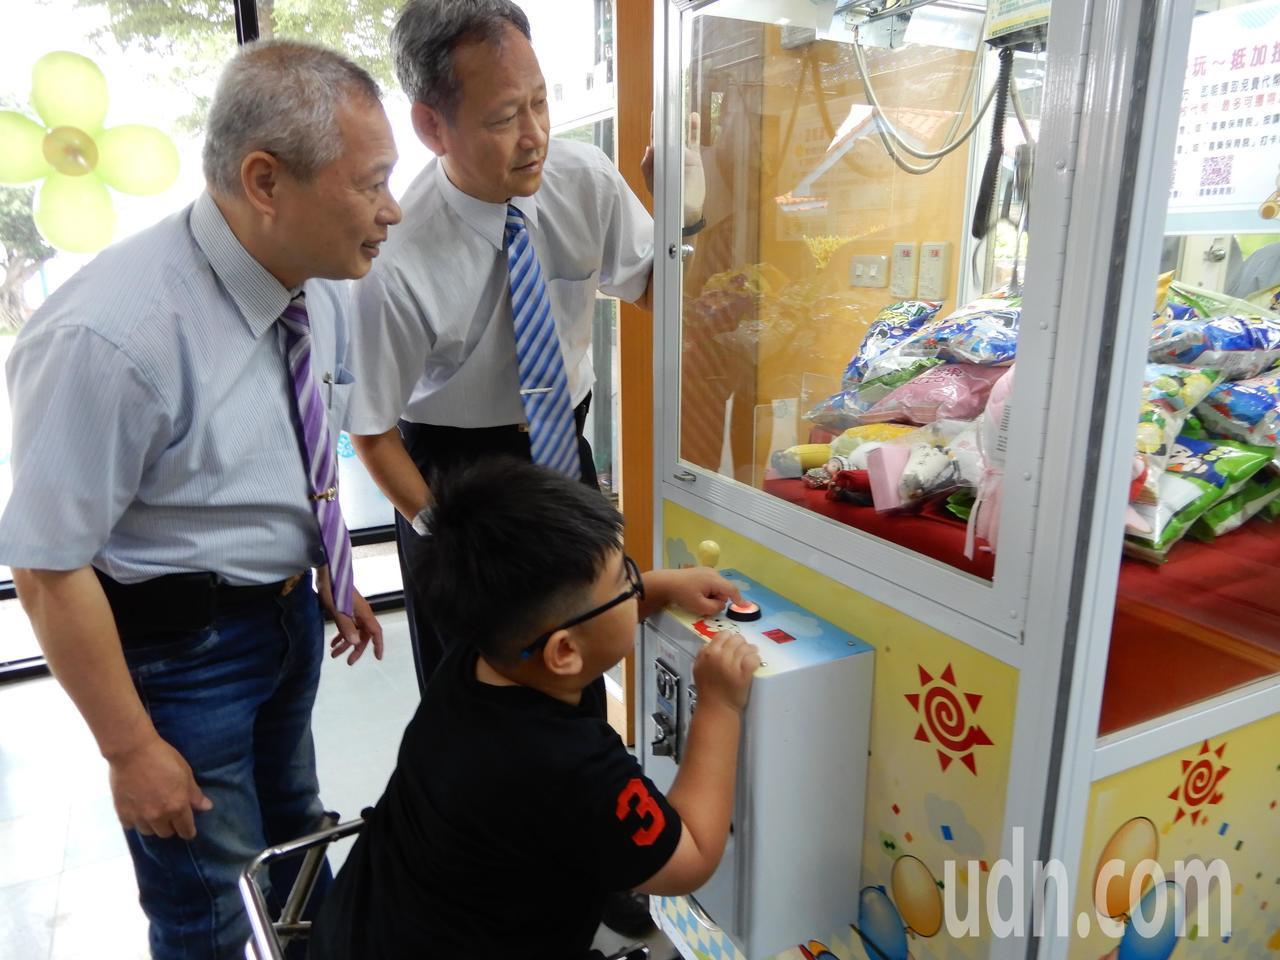 飛絡力公司董事長蔡其明(右)、總經理楊奕強(左)陪伴喜樂保育院孩子玩夾娃娃機。記...